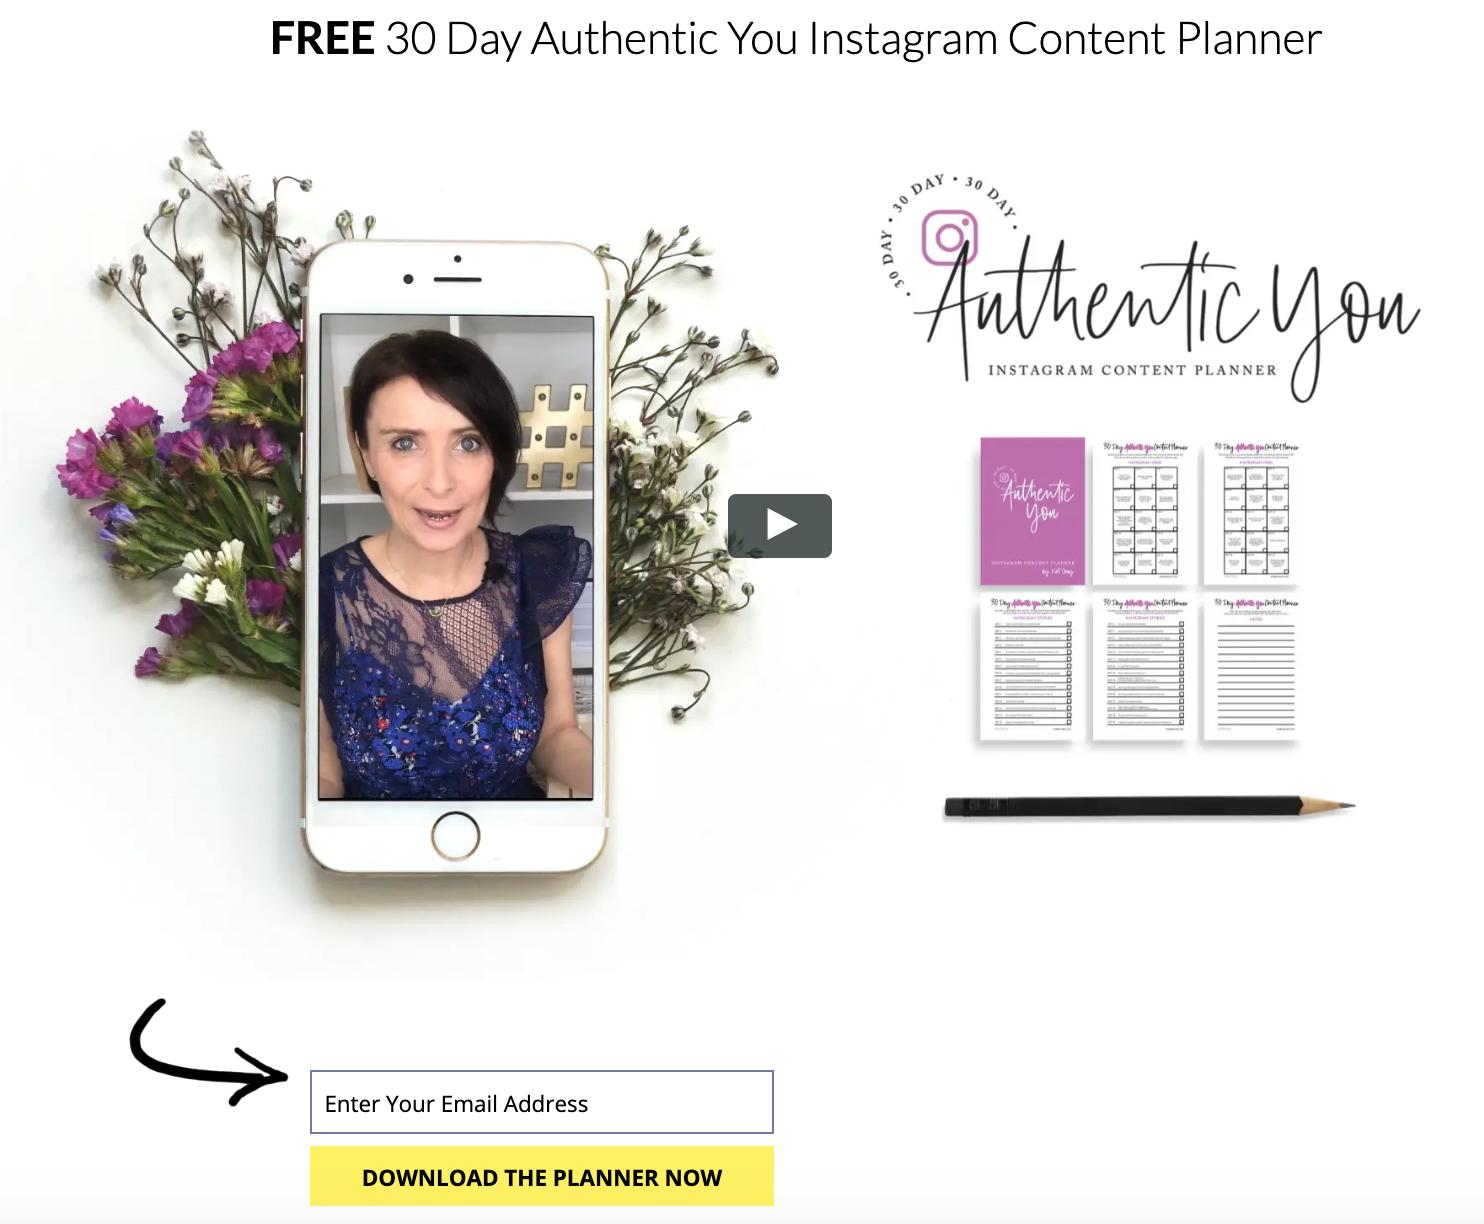 Kat Coroy - Instagram Teacher, Instagram Content Planner